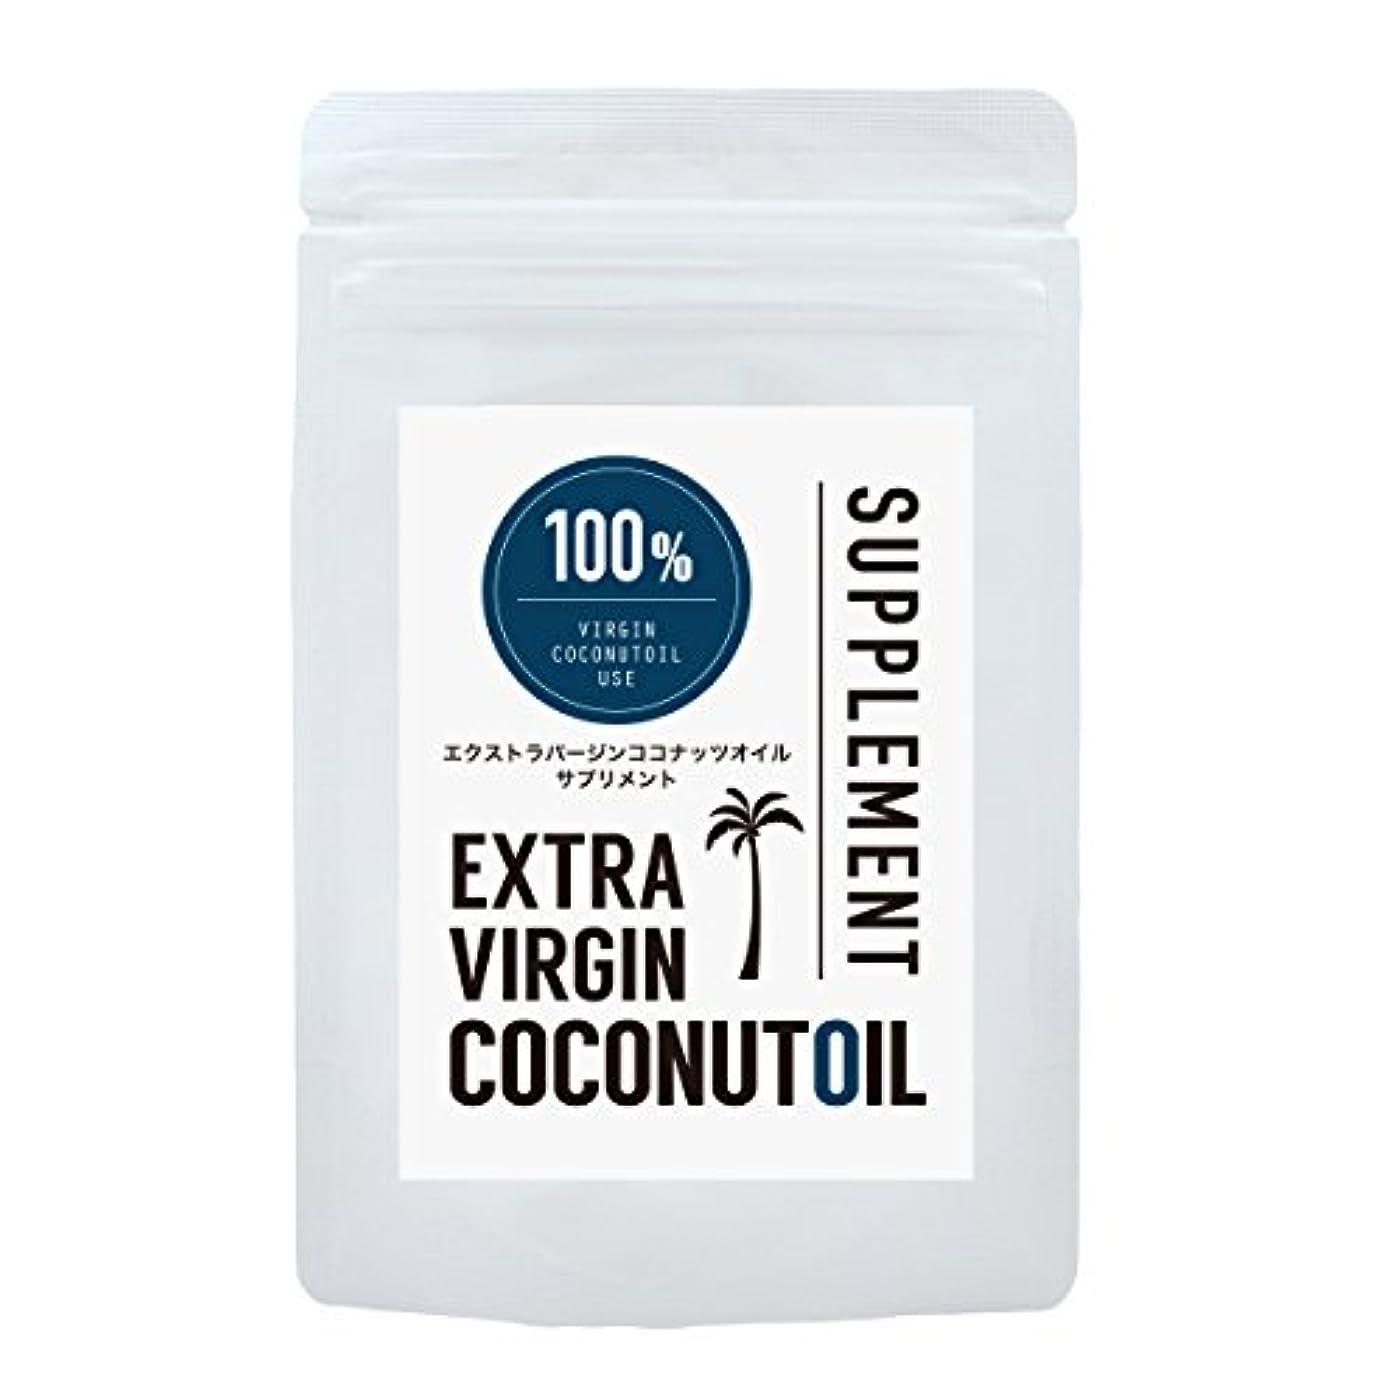 独立してサークルバッグエクストラヴァージン ココナッツオイル サプリメント 90粒入り 無臭 カプセルタイプ